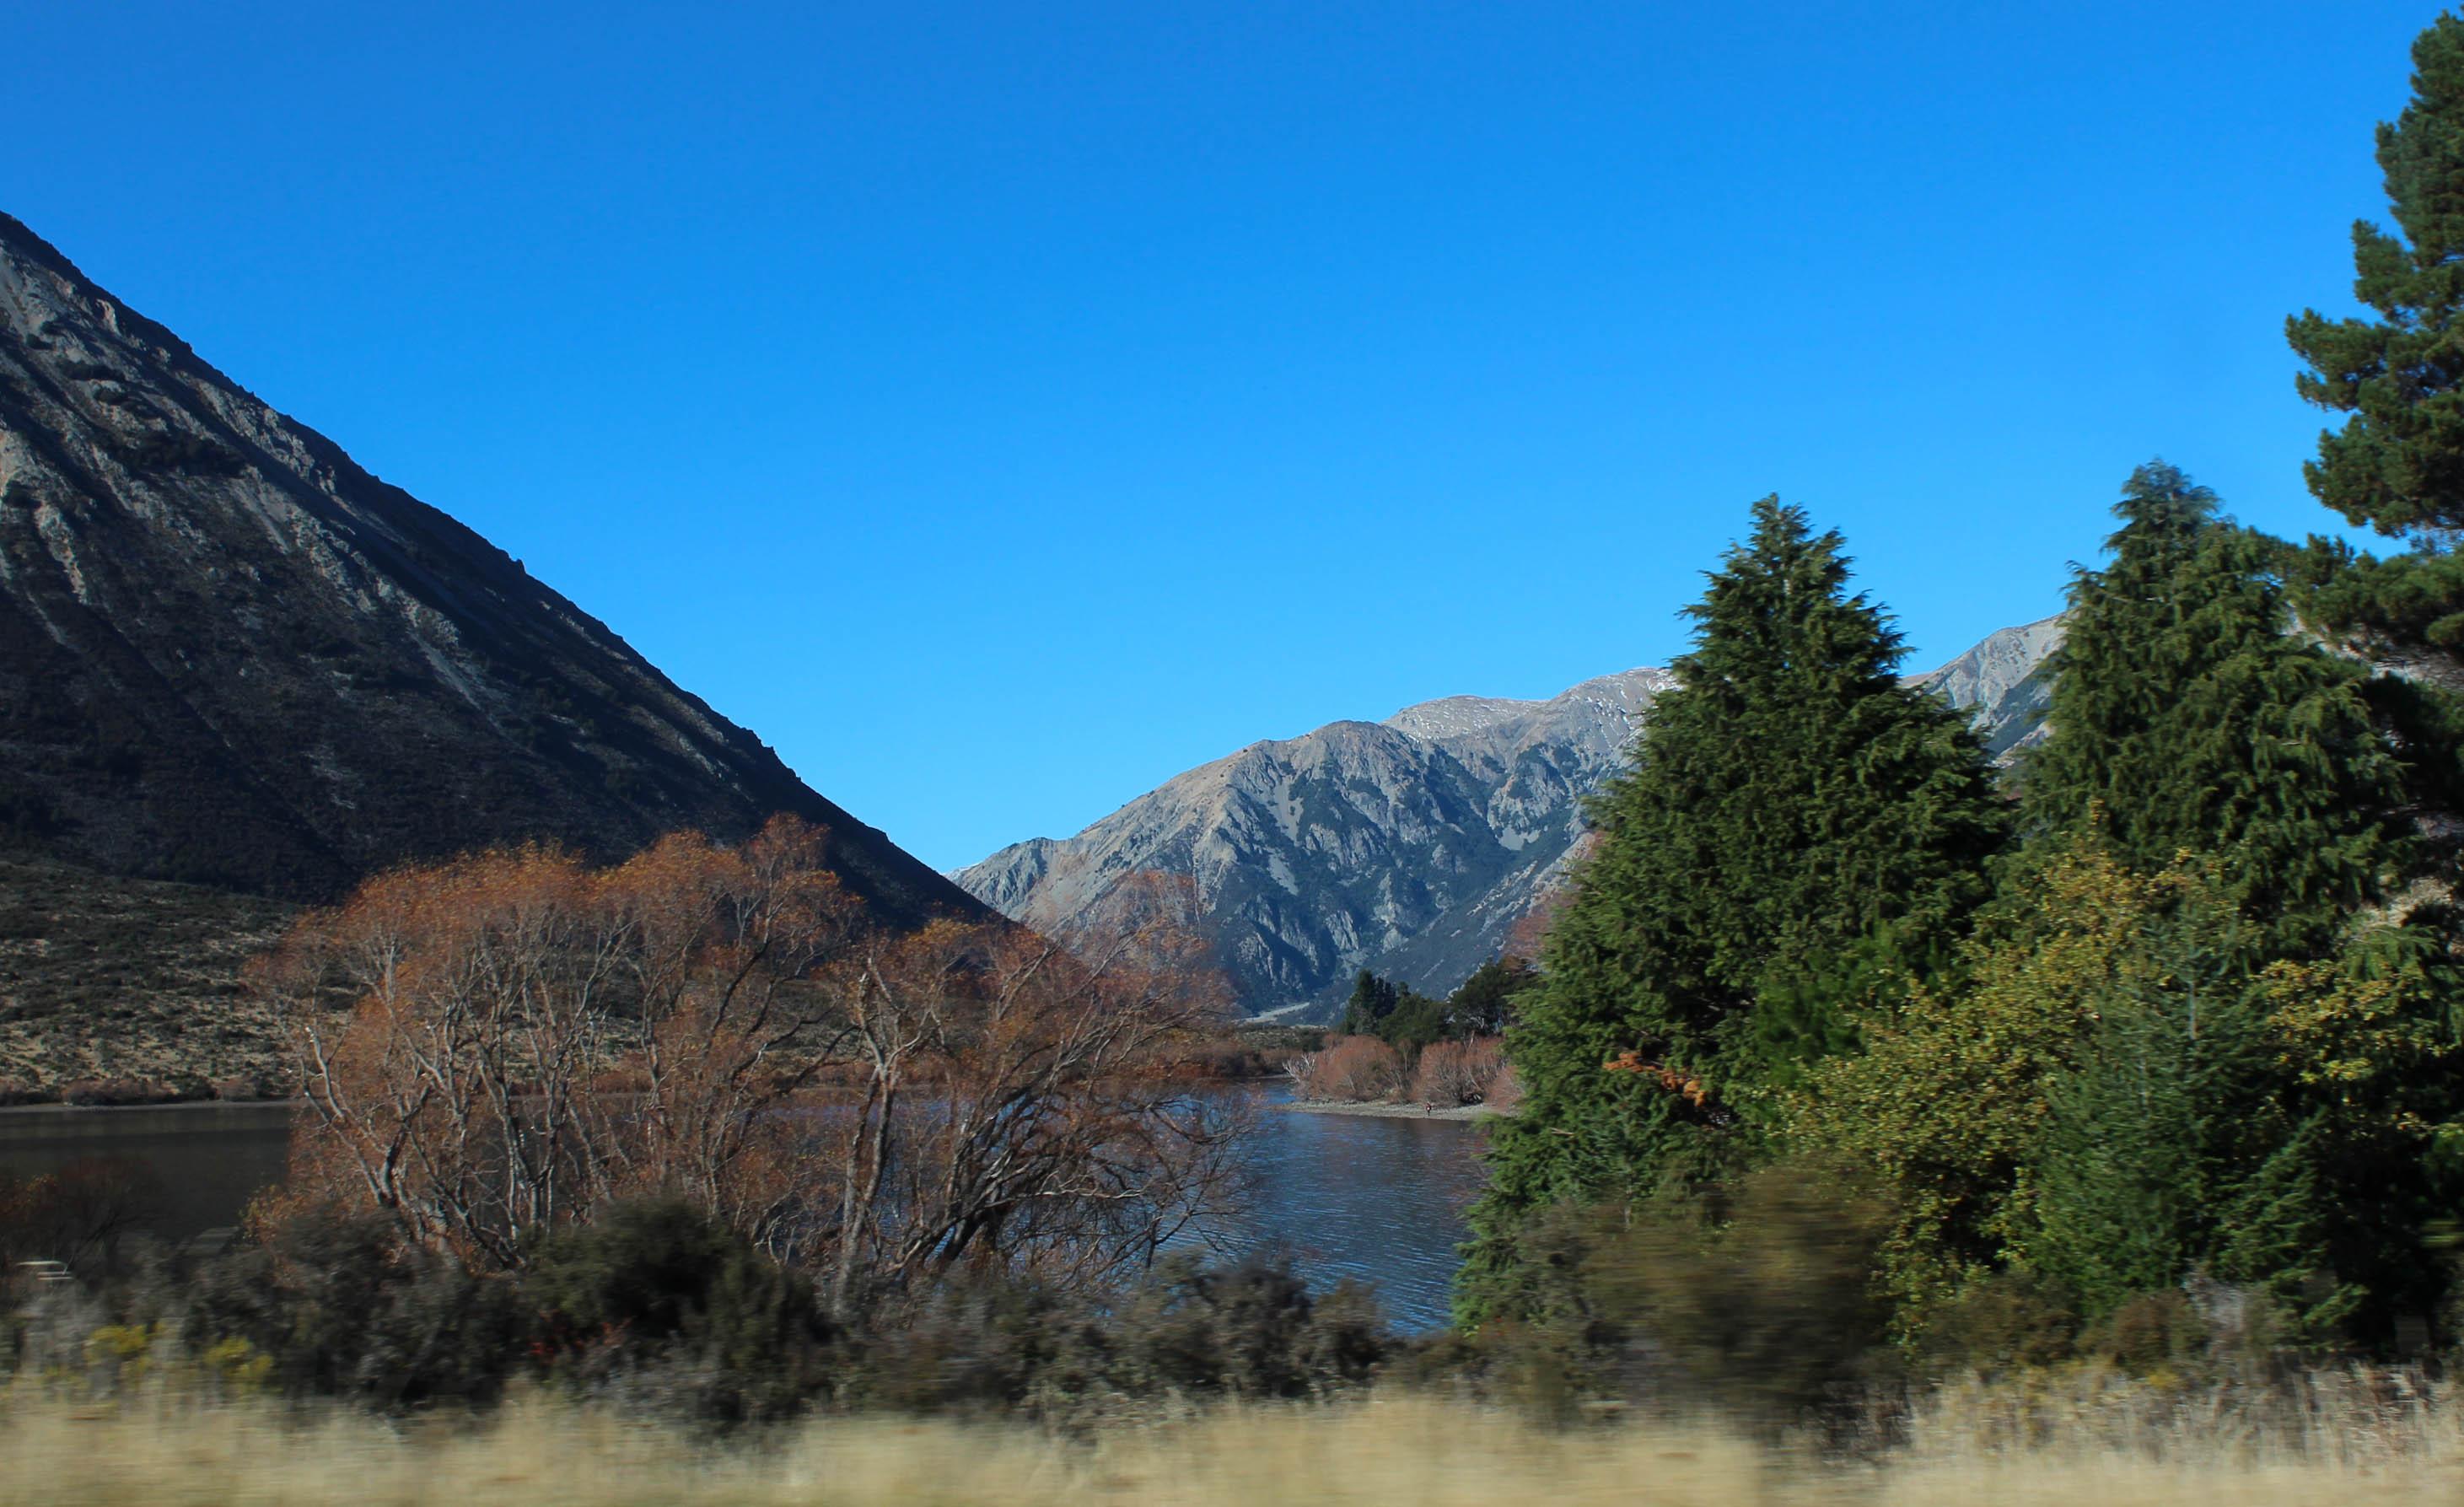 Nouvelle Zélande - Arthur's pass & Akaroa - les lubies de louise (8 sur 46)